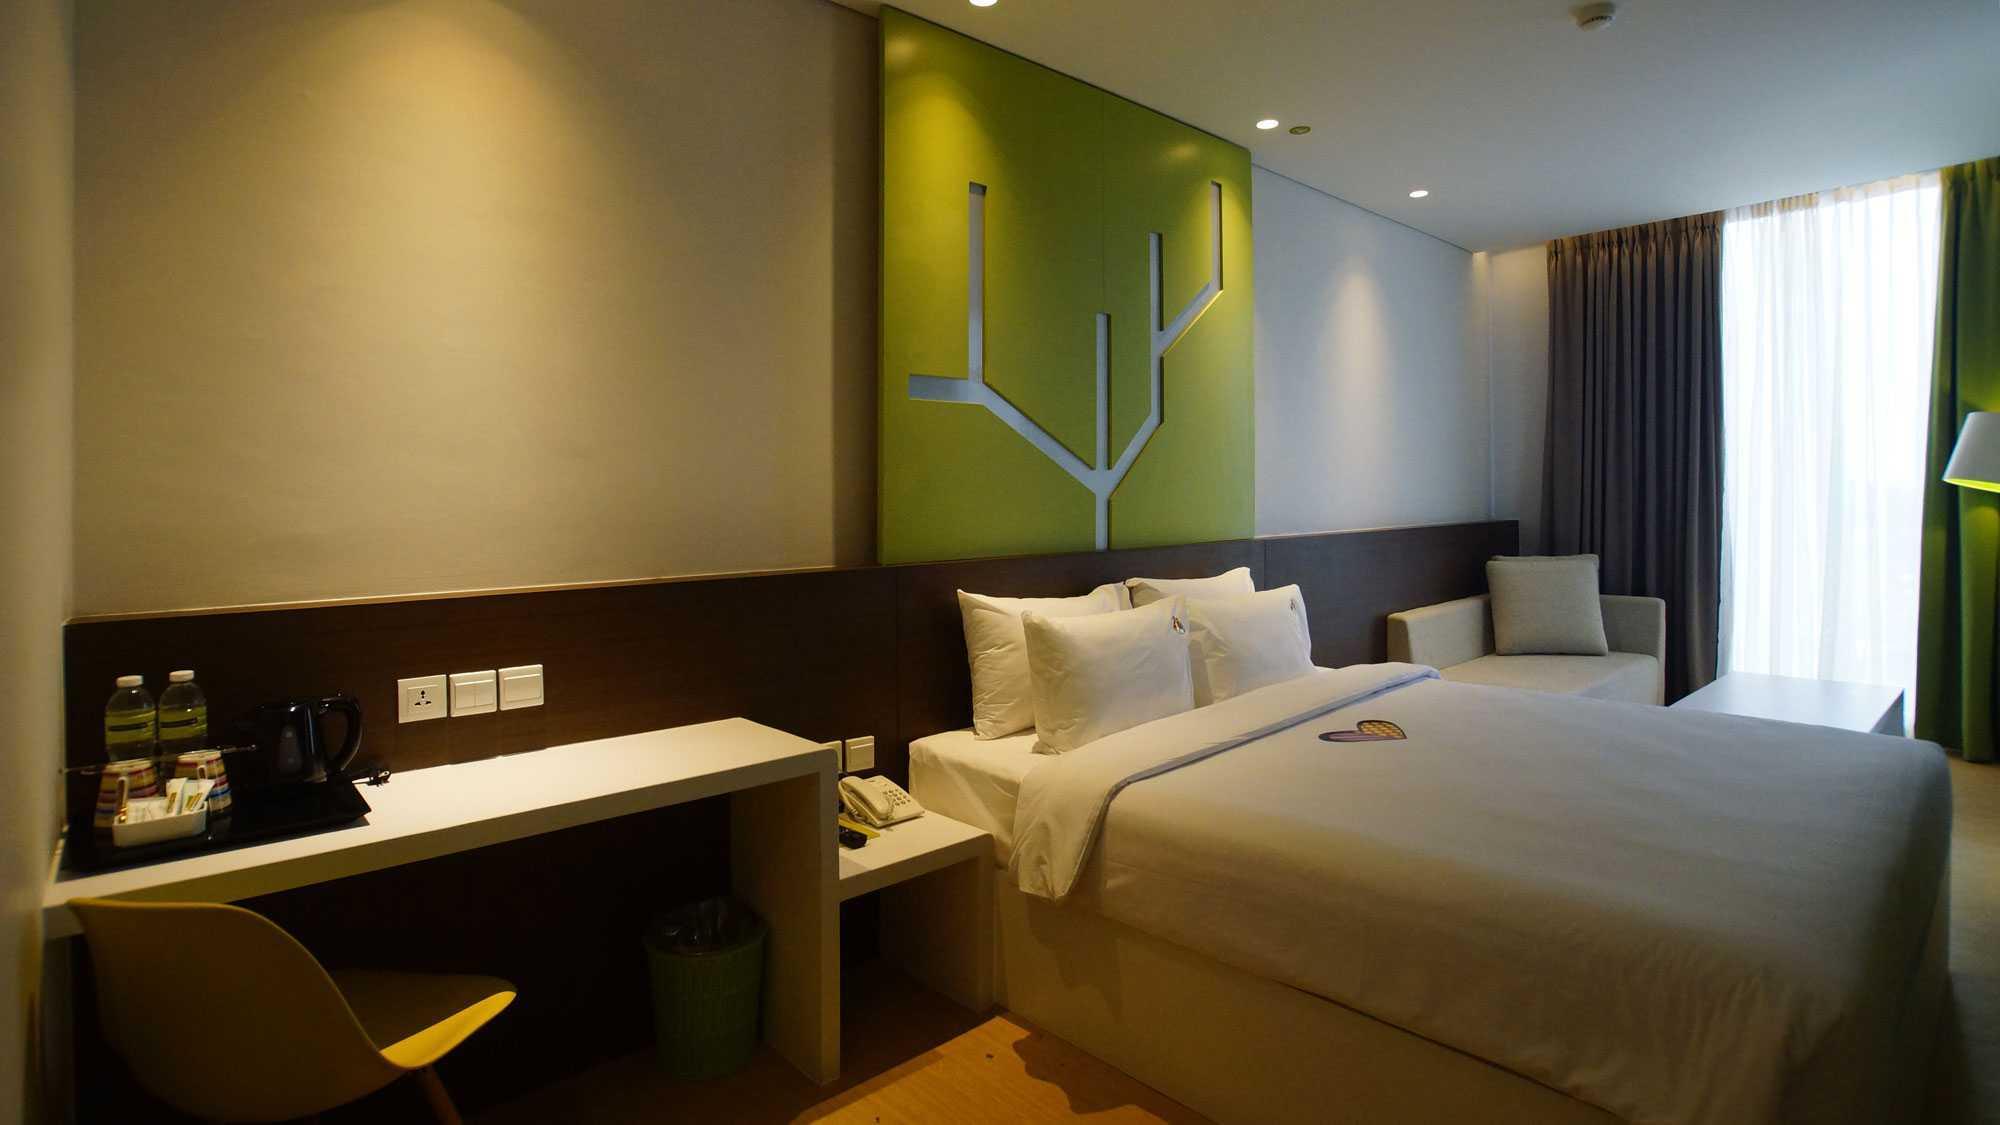 Pt.  Atelier Una Indonesia Maxone Hotel Pemuda Jakarta, Indonesia Jakarta, Indonesia Bedroom   9495